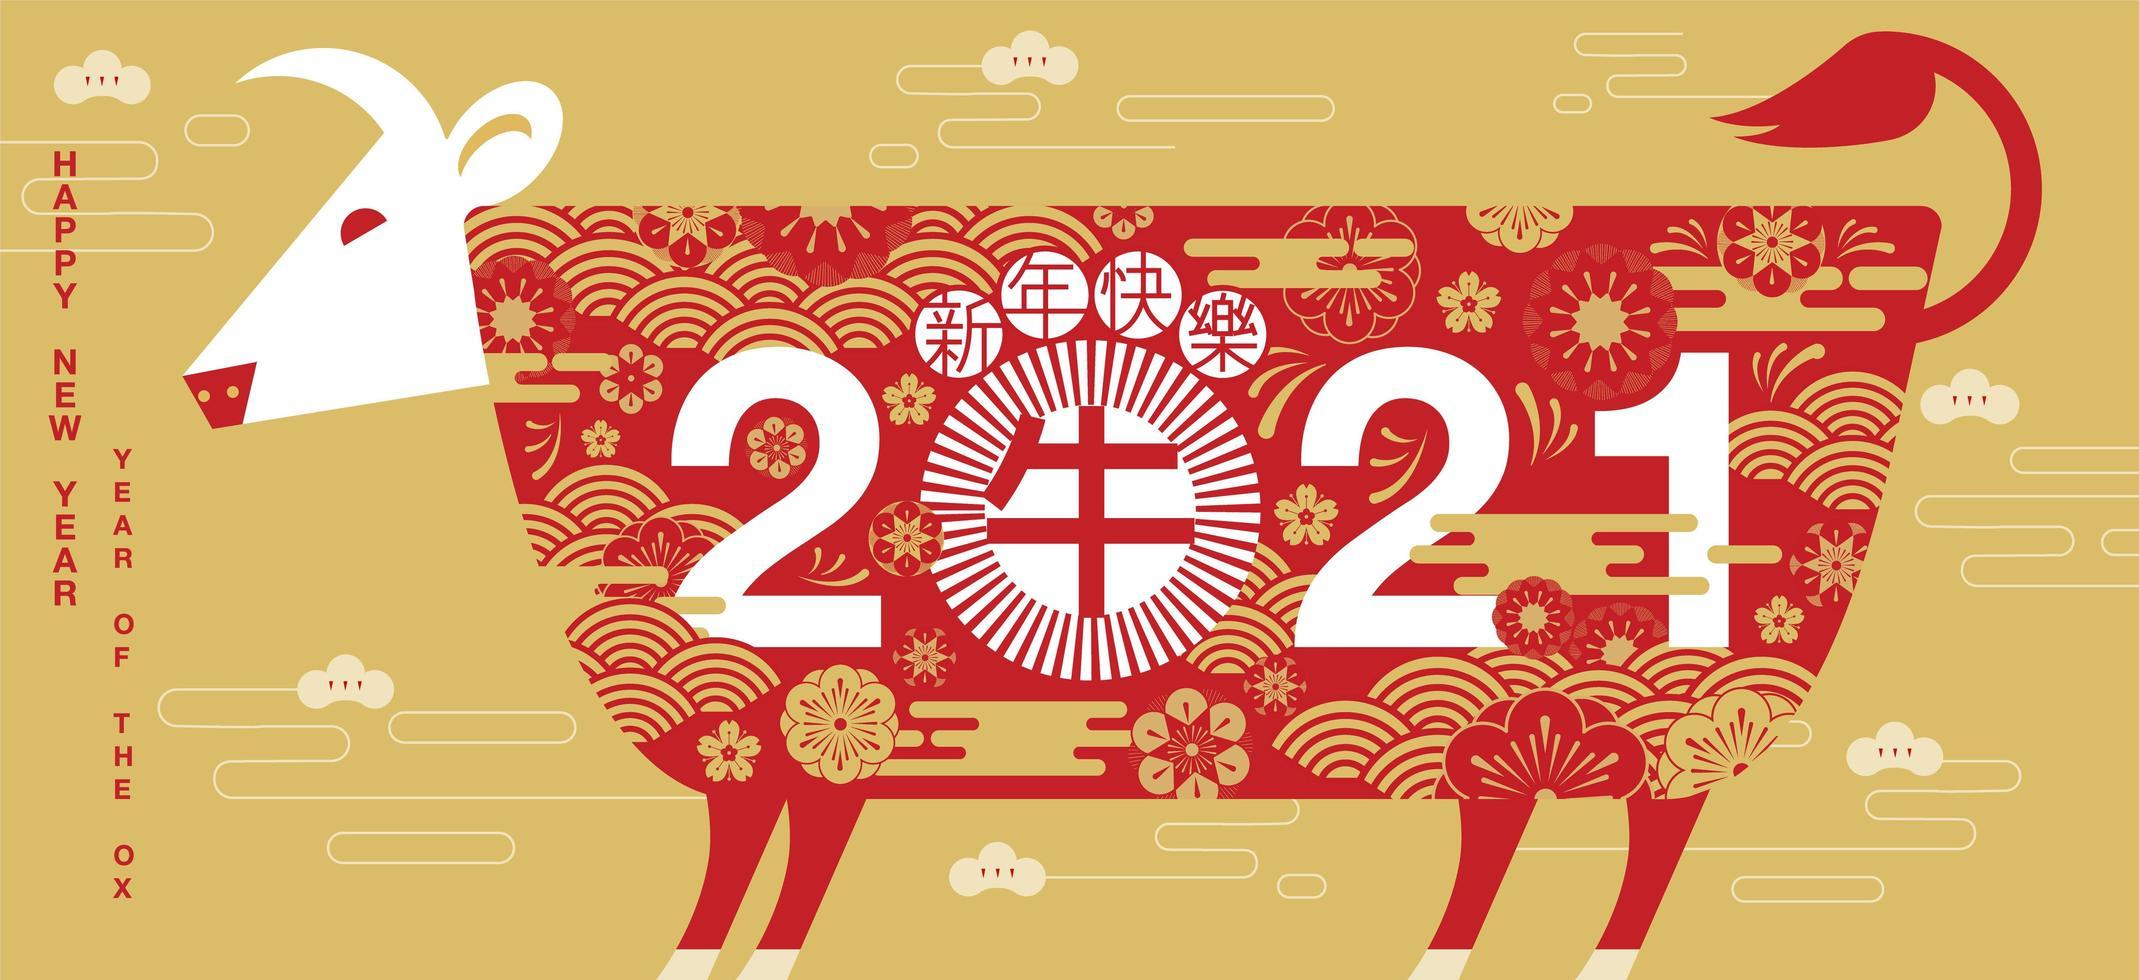 poster di bue ornamentale del nuovo anno cinese 2021 vettore